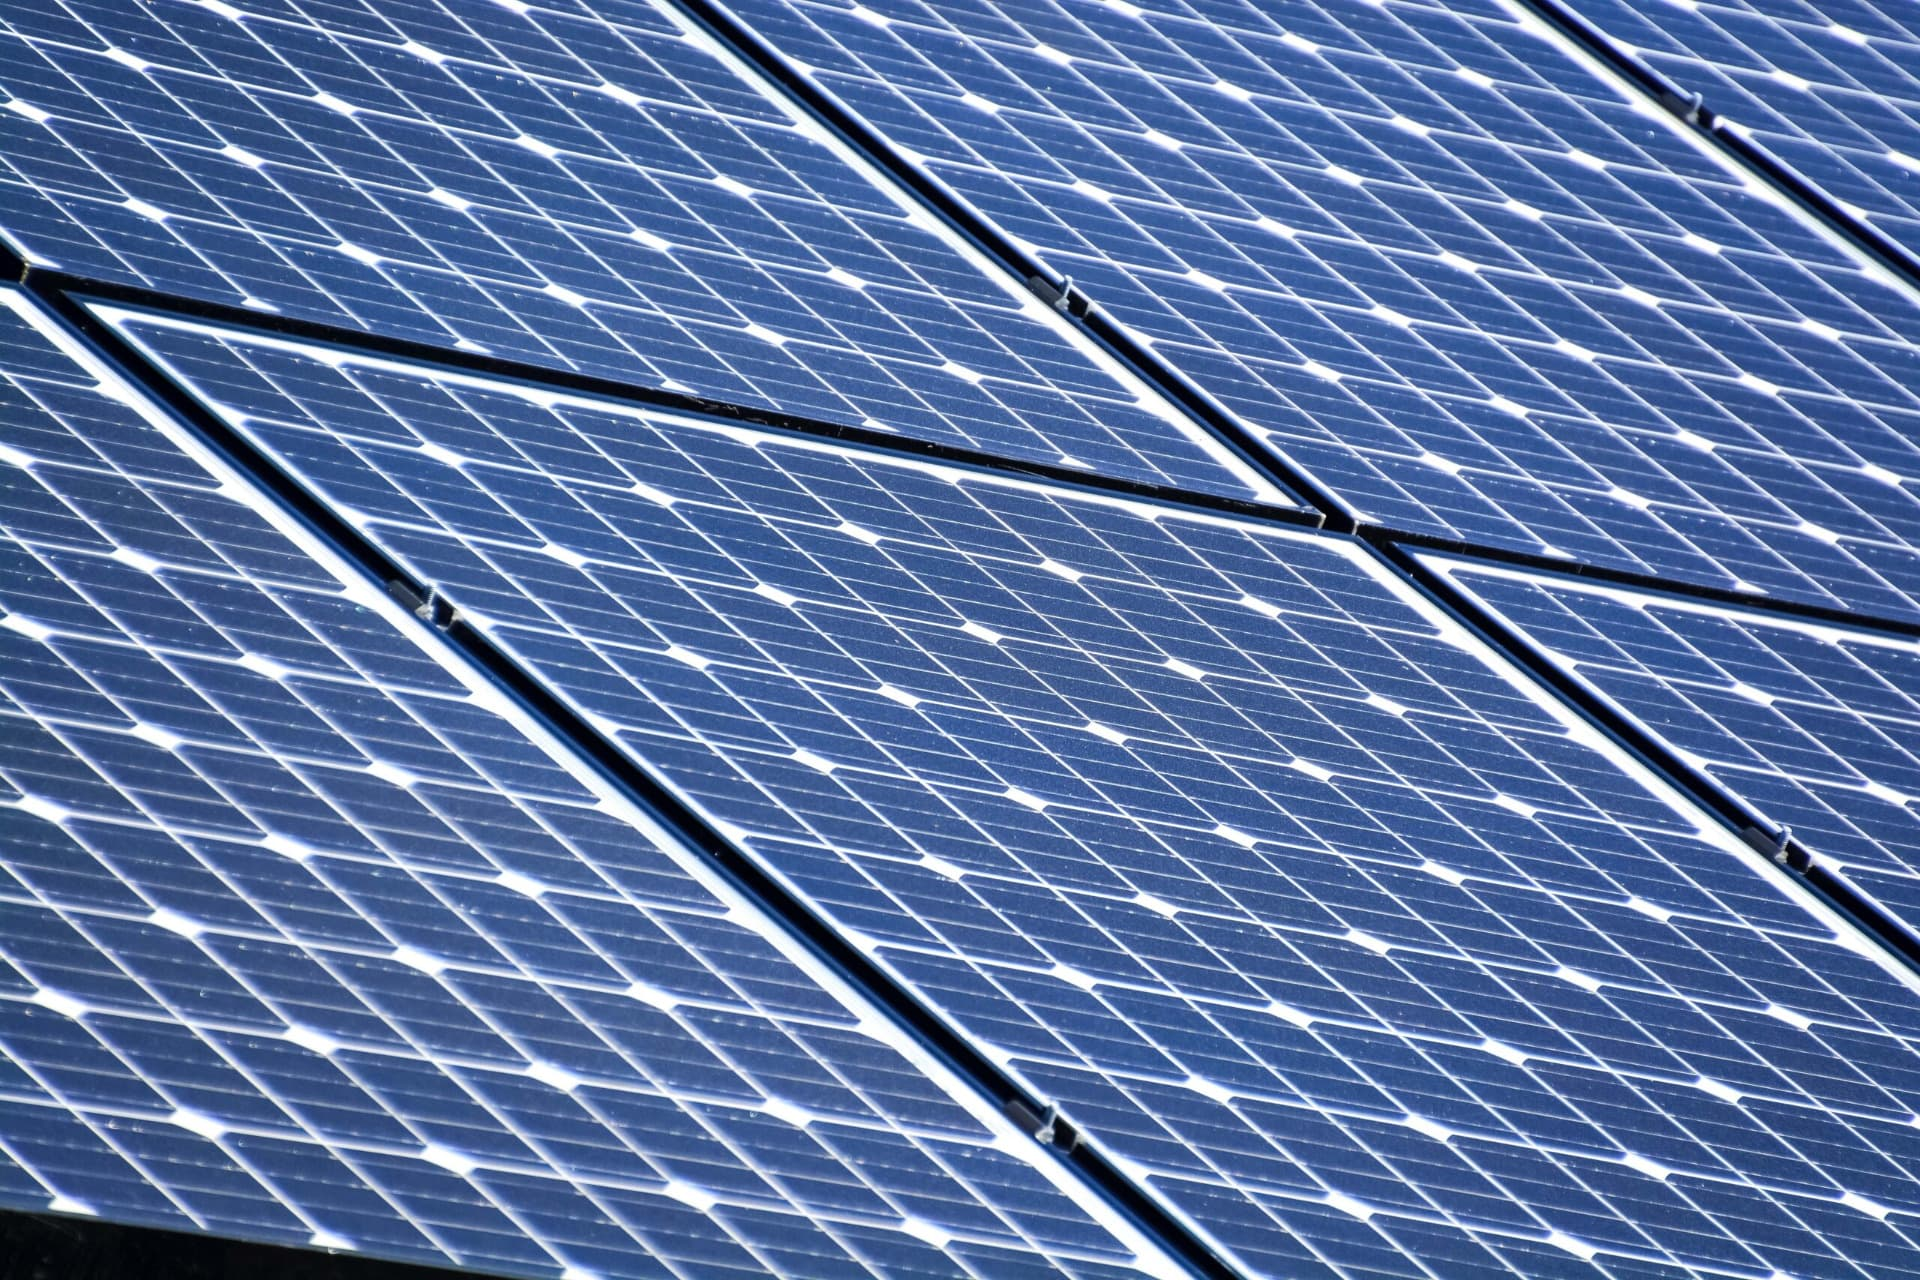 Vind een zonnepanelen installateur in jouw buurt